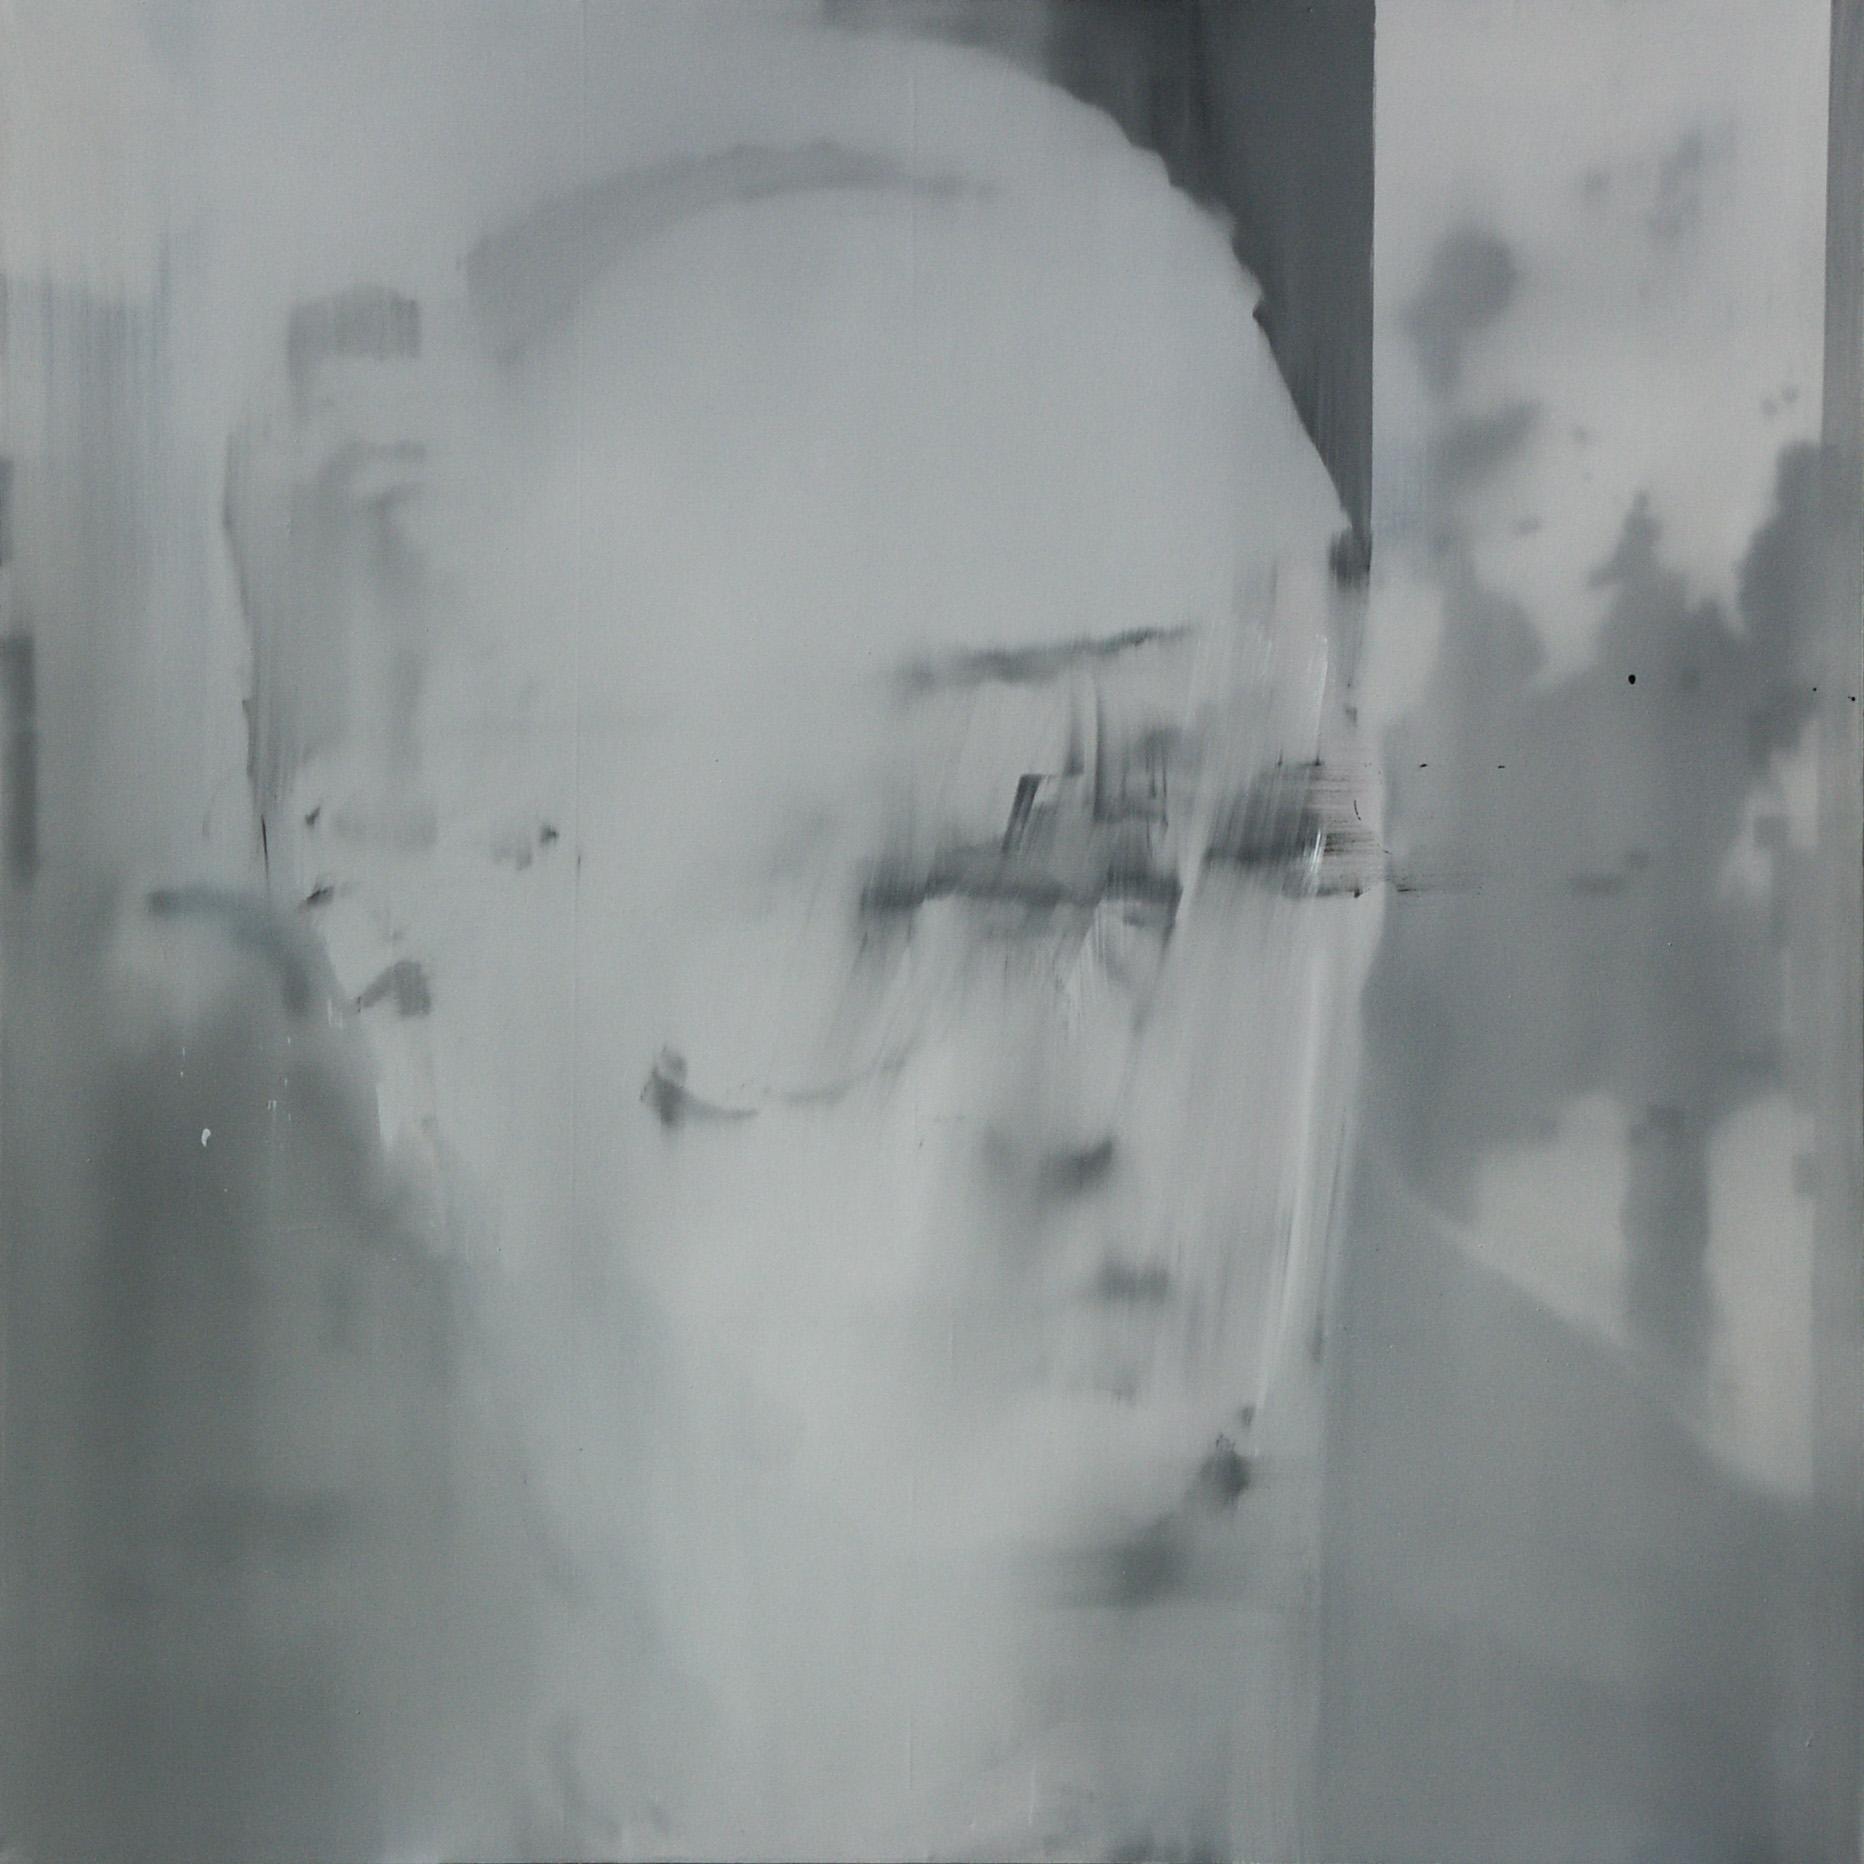 Kopie von 0720007 2007 Öl-Leinwand 200 x 200 cm